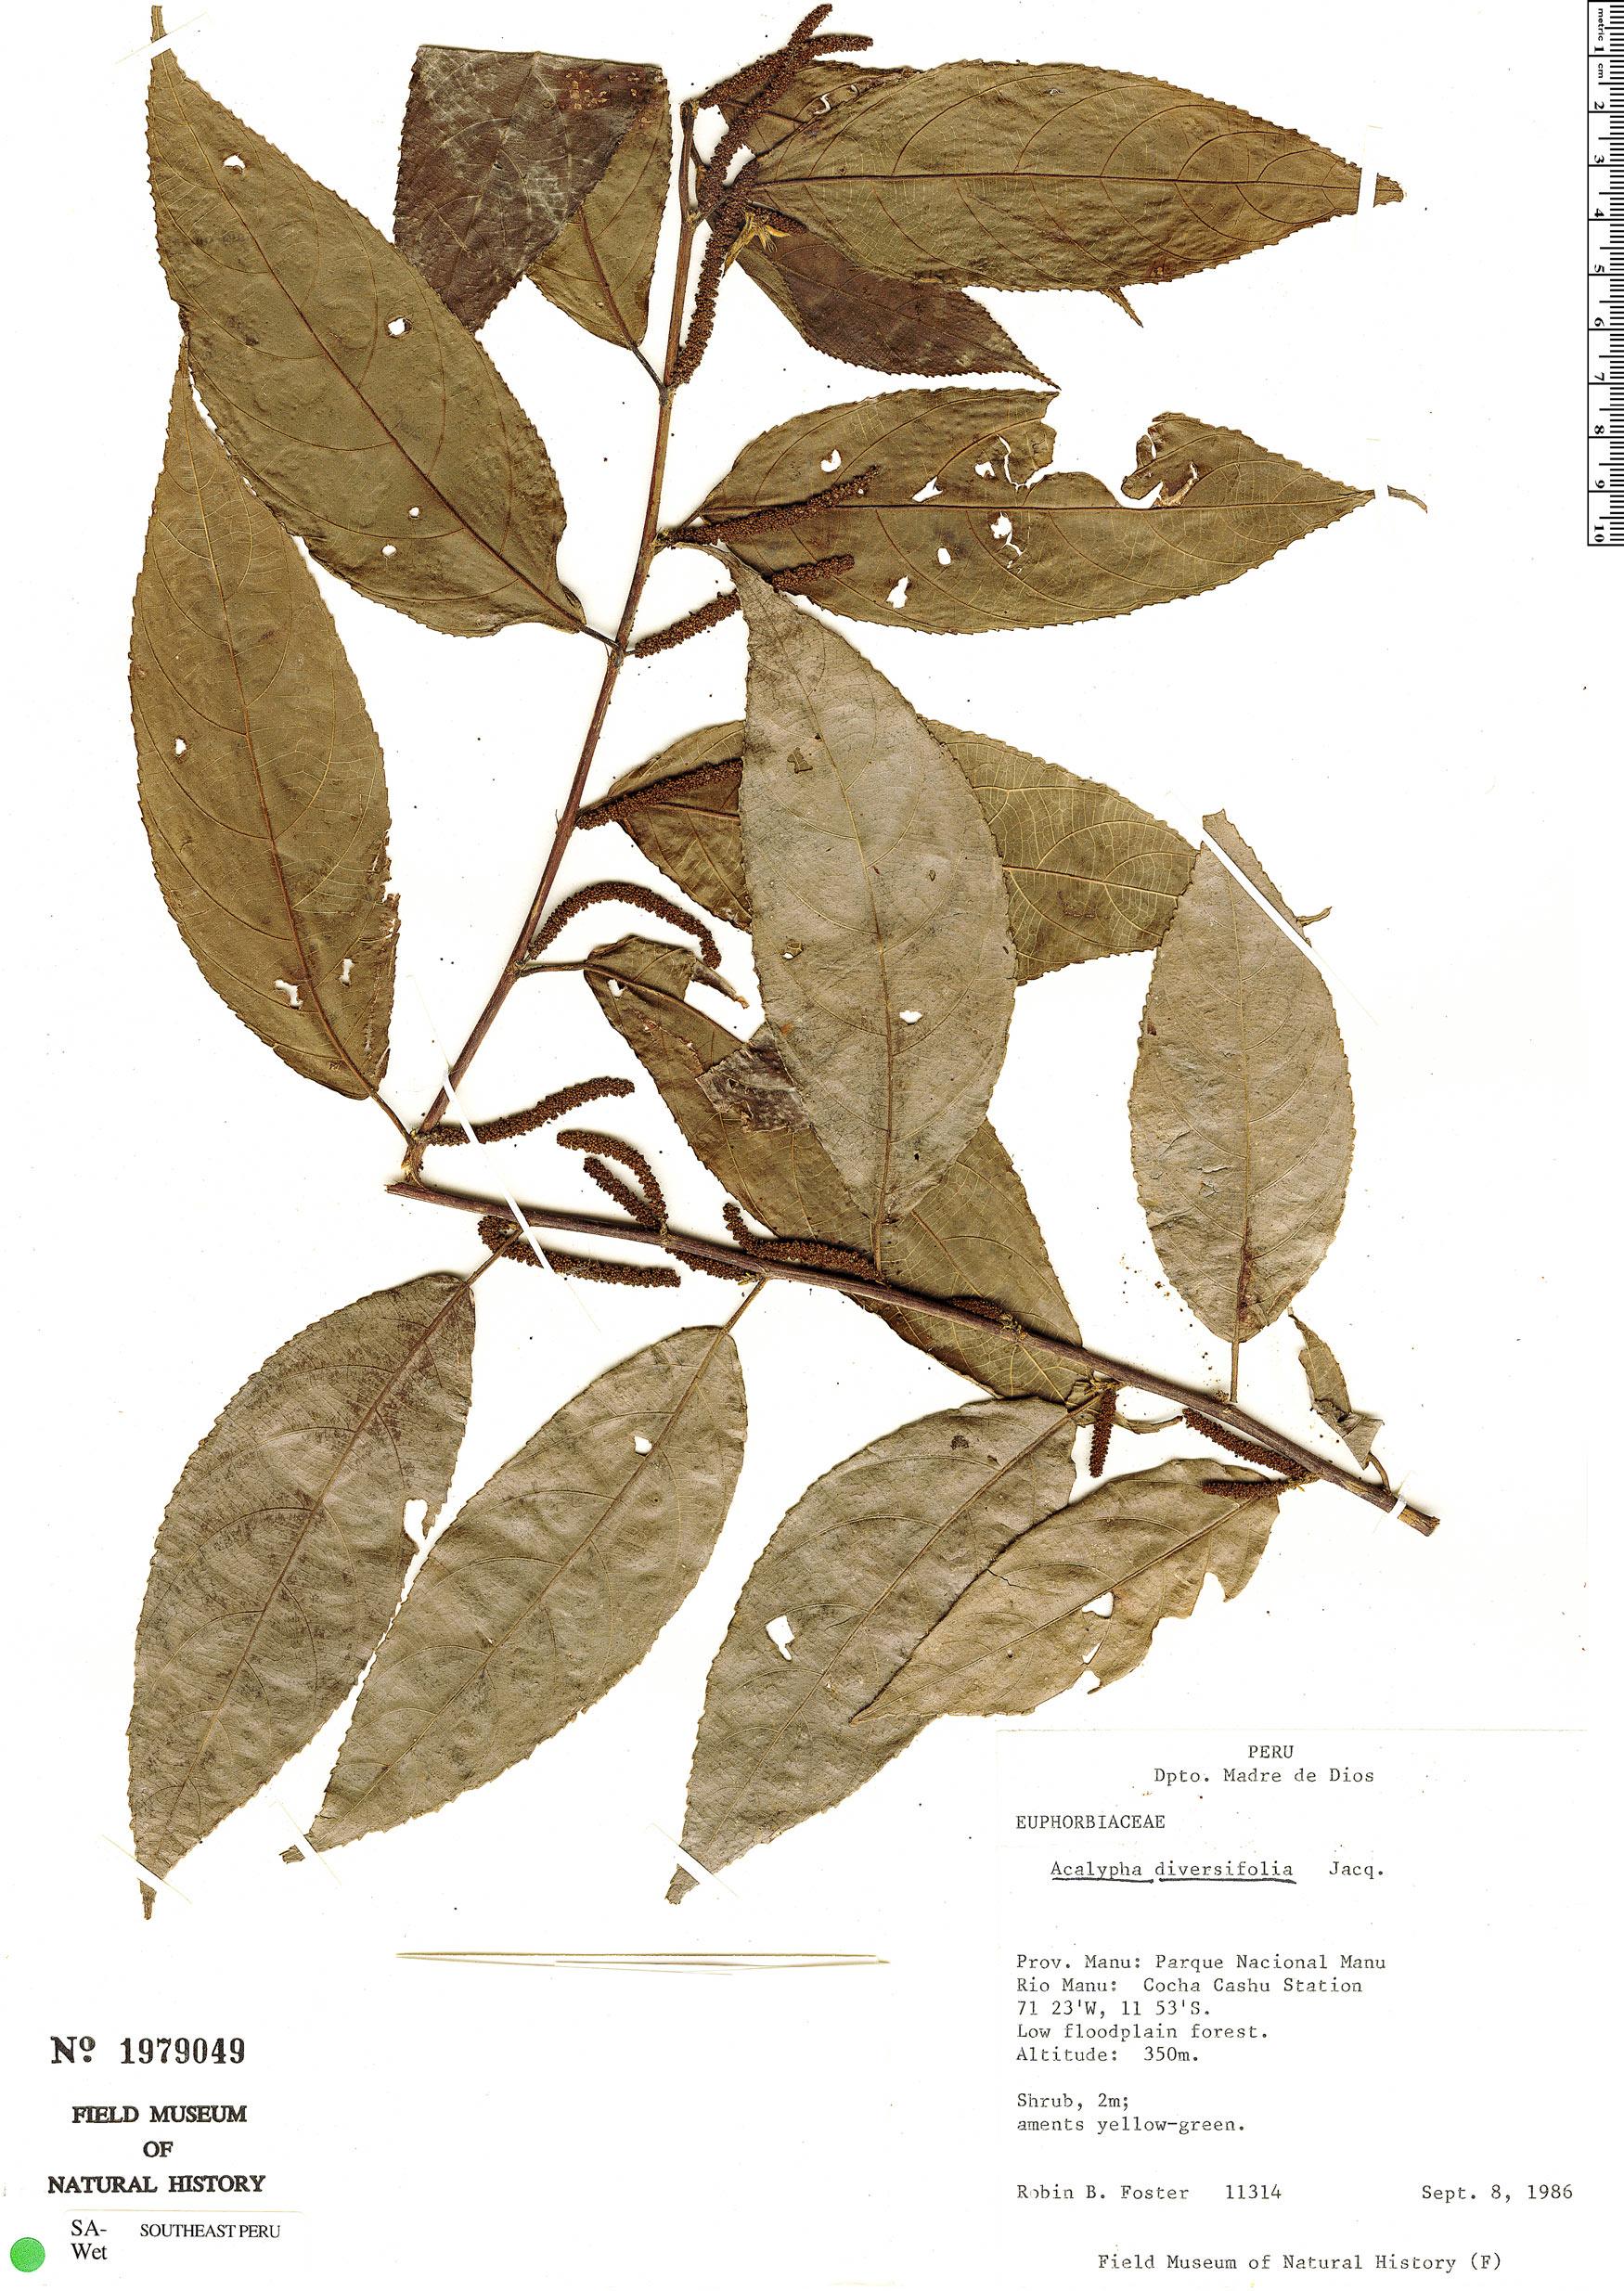 Specimen: Acalypha diversifolia